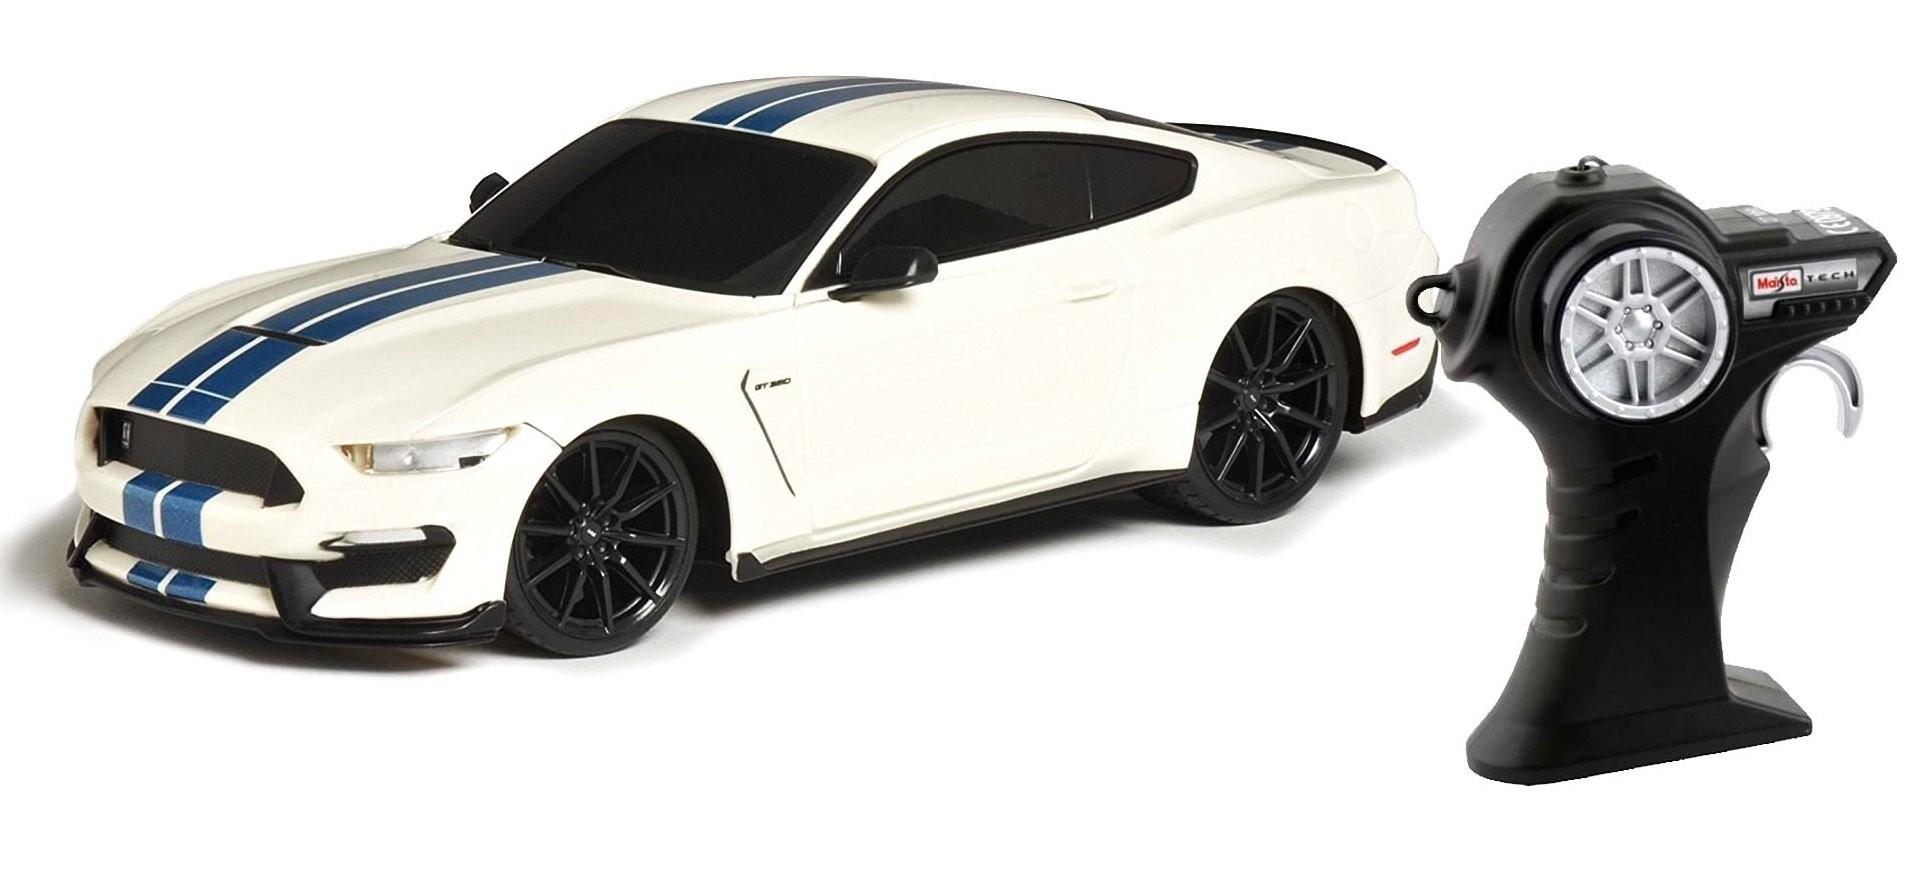 Carro Controle Remoto - Ford Shelby GT350 R/C - Branco - 1:24 - Maisto